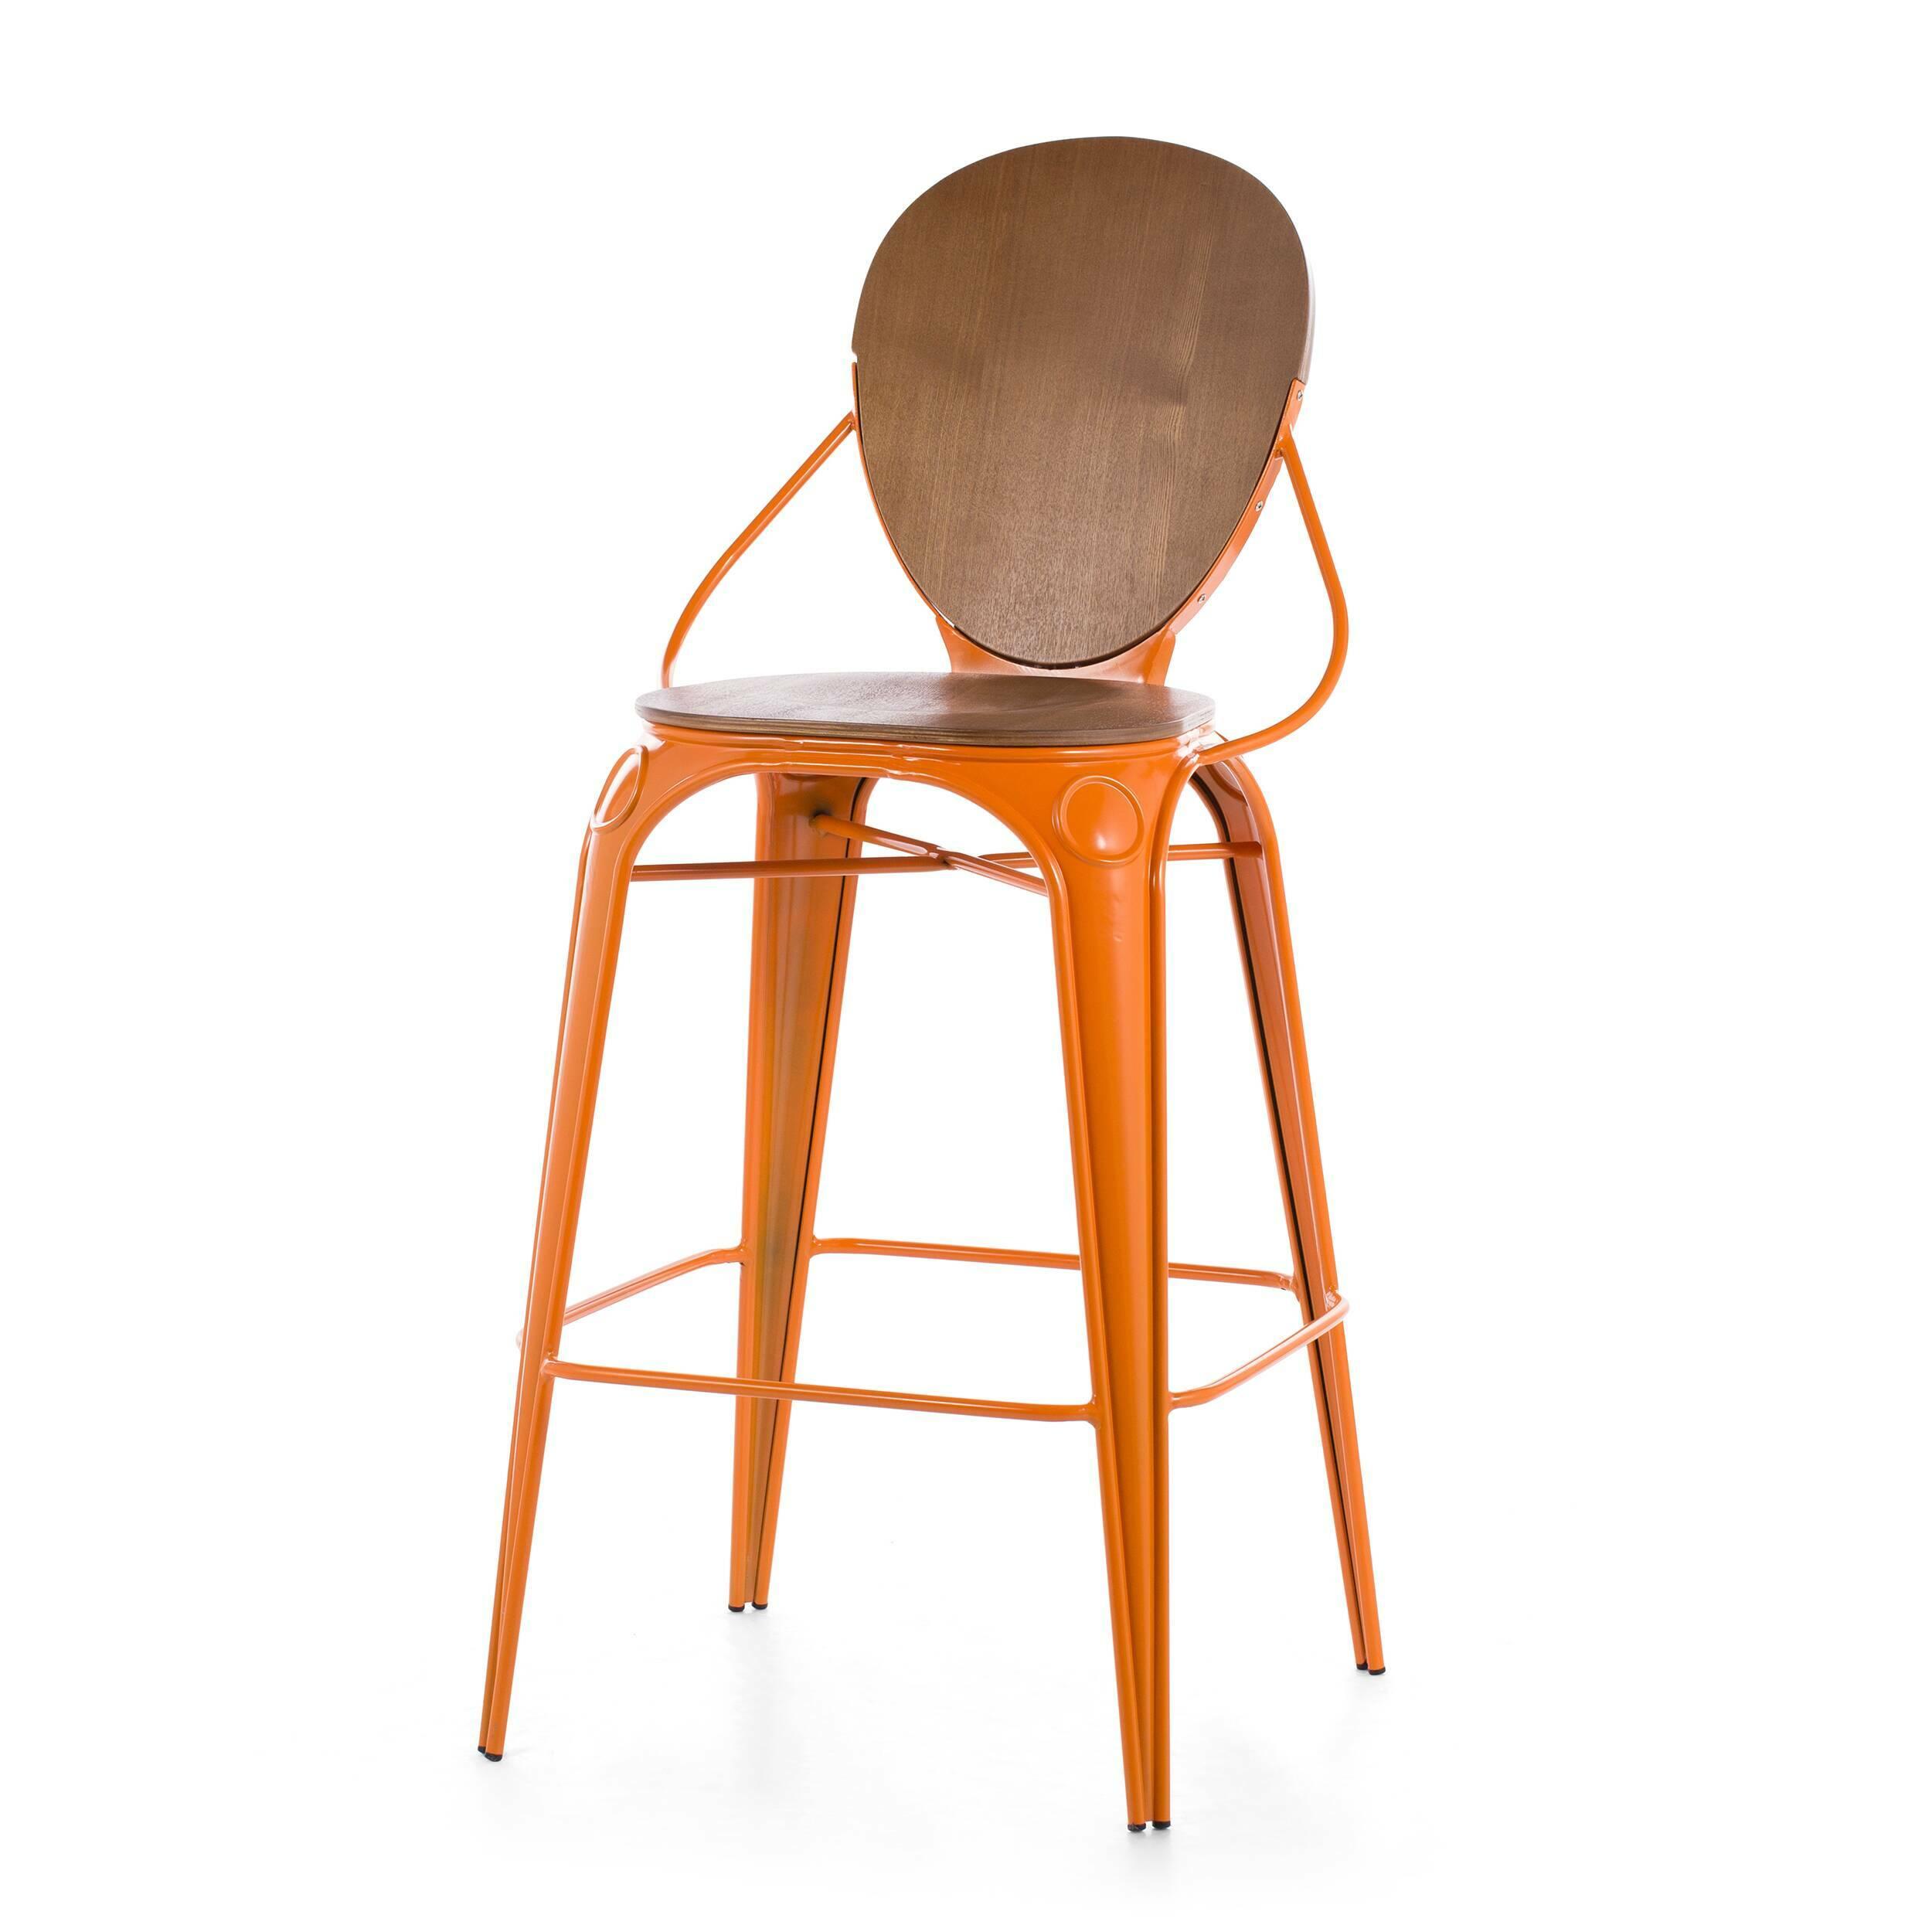 Барный стул LouixБарные<br>Дизайнерский деревянный барный стул Louix (Луикс) со стальным каркасом от Cosmo (Космо).<br>Все модели мебельной коллекции Louix выполнены в индустриальном стиле, который все больше становится константой среди современных европейских интерьеров. Индустриальный стиль, самый честный, откровенный, обнаженный. Показать все, что скрыто, — основная задача этого направления. Вся «подноготная» оказывается на виду: проводка, трубы, металлические конструкции... Старые вещи не выбрасываются — они становят...<br><br>stock: 5<br>Высота: 110<br>Высота сиденья: 74<br>Ширина: 65<br>Глубина: 54<br>Тип материала каркаса: Сталь<br>Материал сидения: Фанера, шпон ивы<br>Цвет сидения: Коричневый<br>Тип материала сидения: Дерево<br>Цвет каркаса: Оранжевый